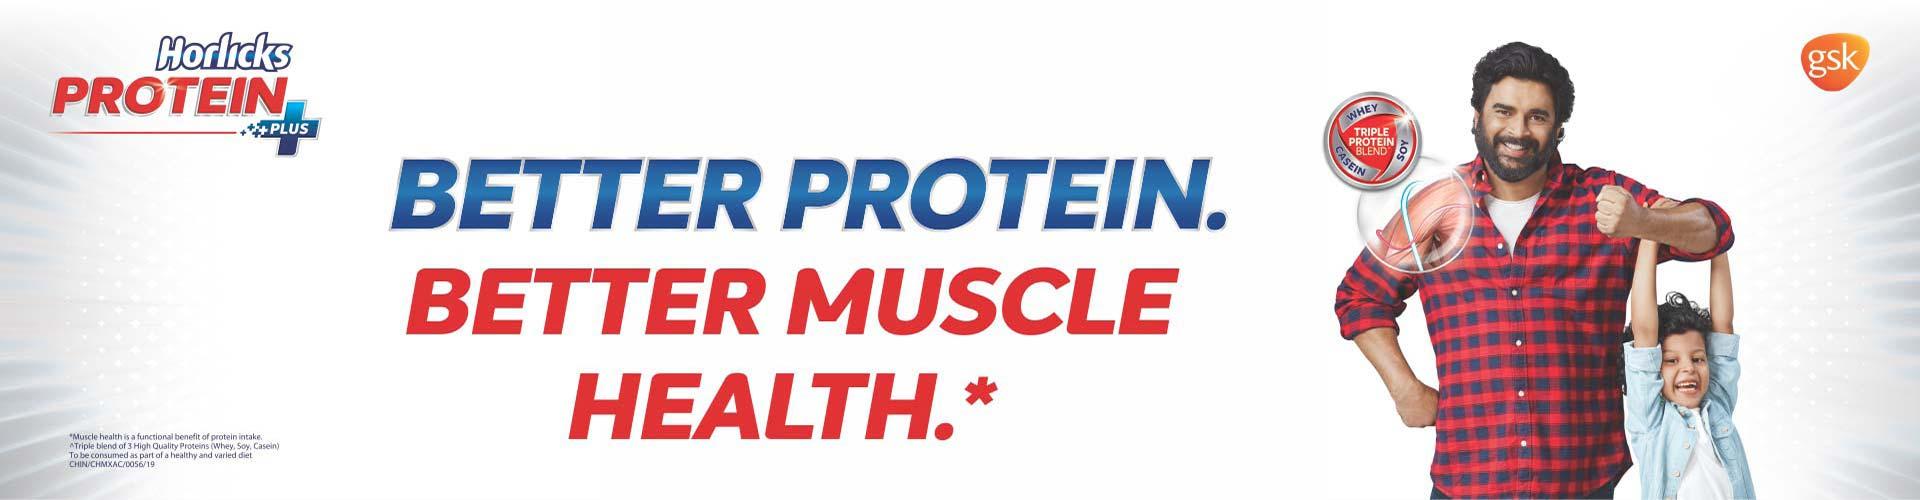 HorlicksProteinPlus